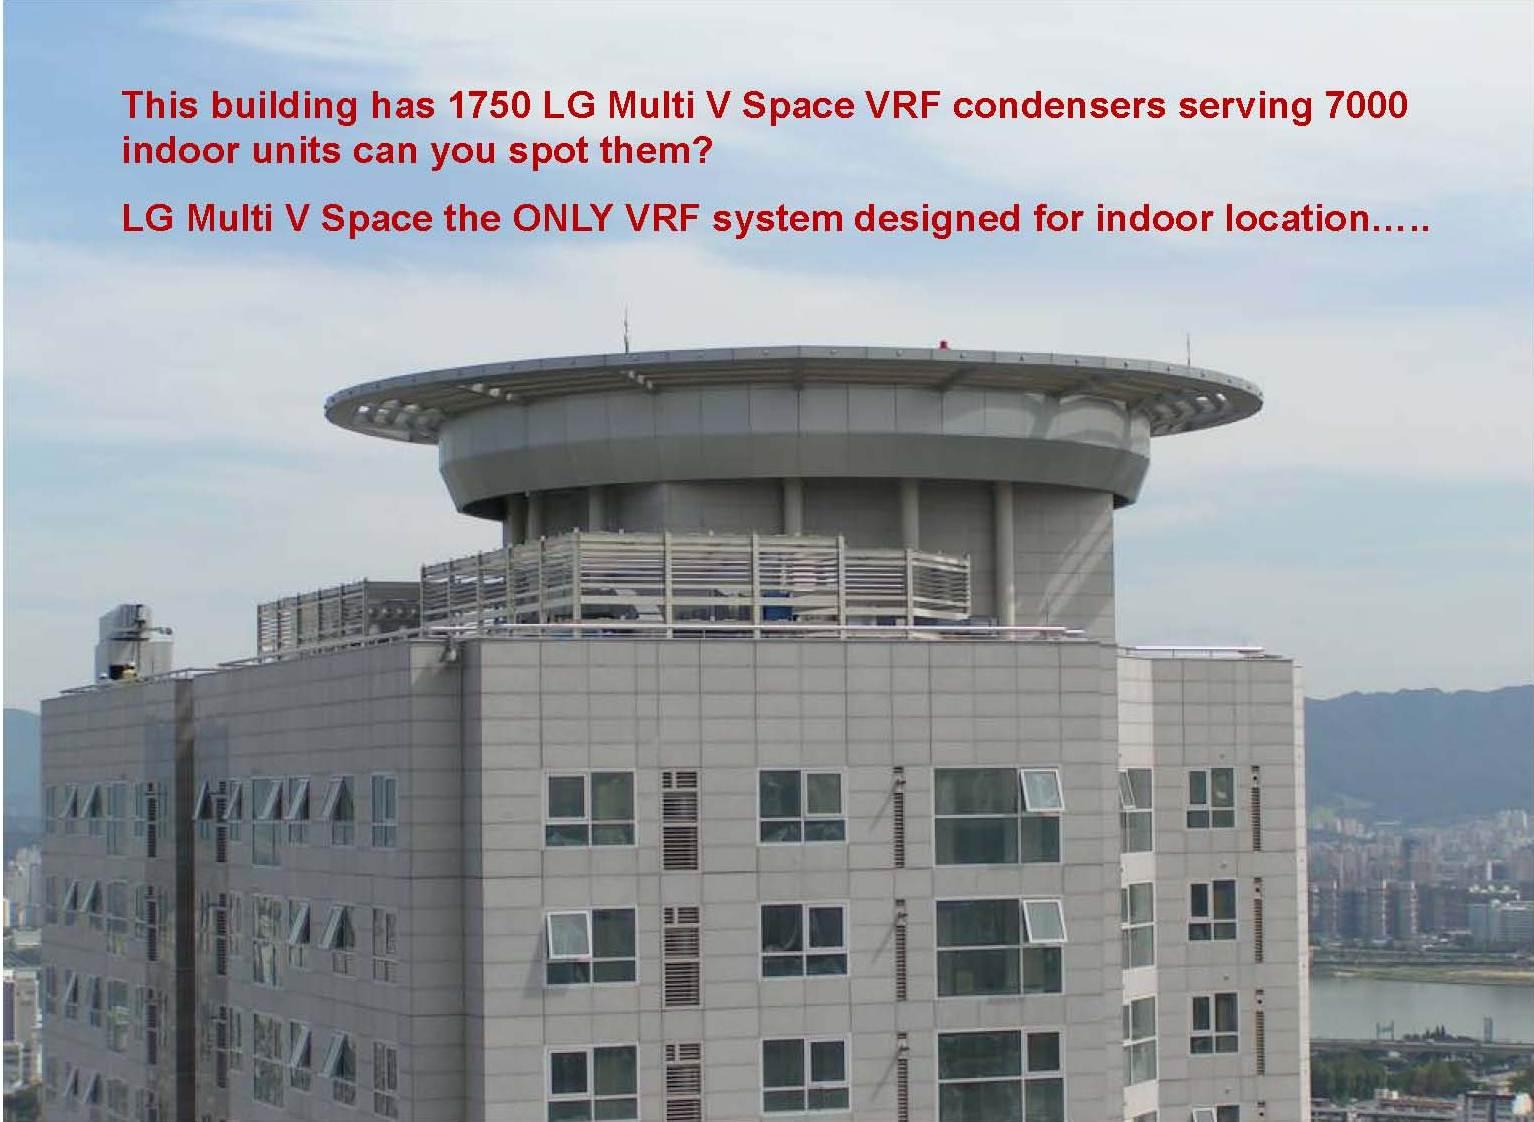 Multi V Space Image